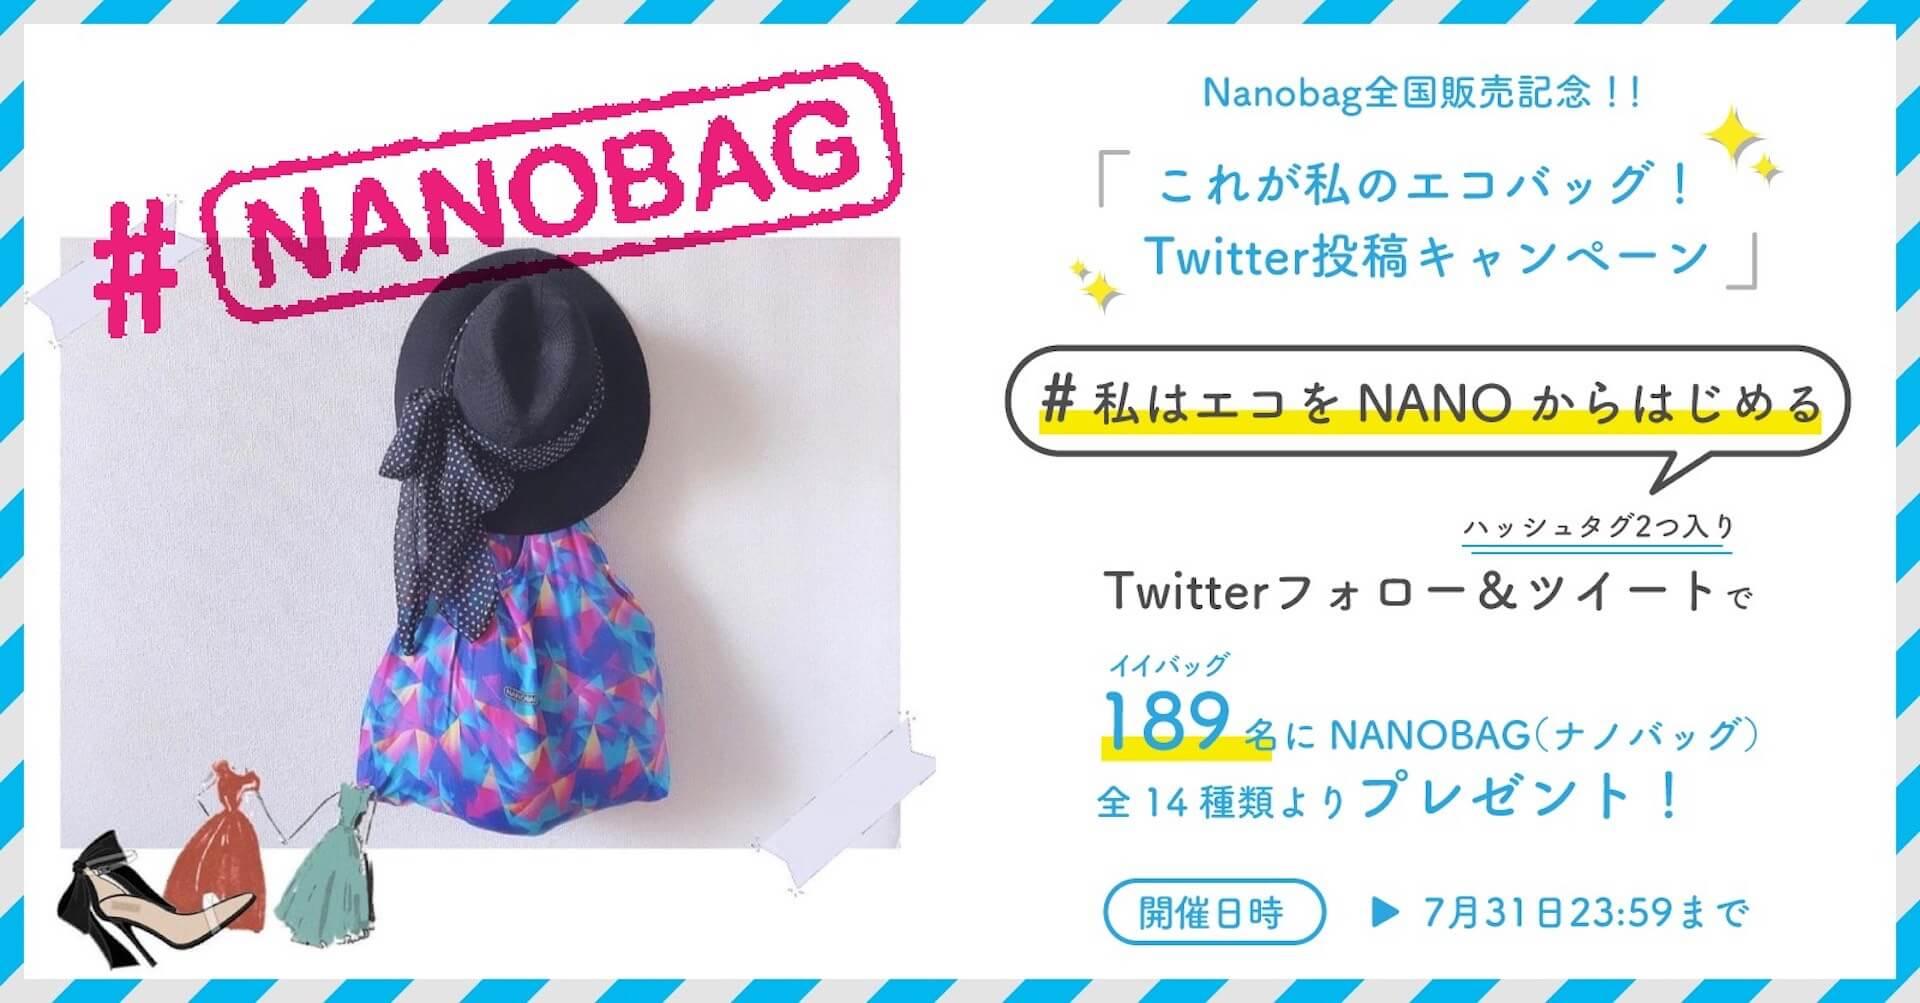 手のひらサイズのエコバッグ『NANOBAG』でお買い物しよう!全国販売を記念したTwitterプレゼントキャンペーンが実施 ac200714_nanobag_17